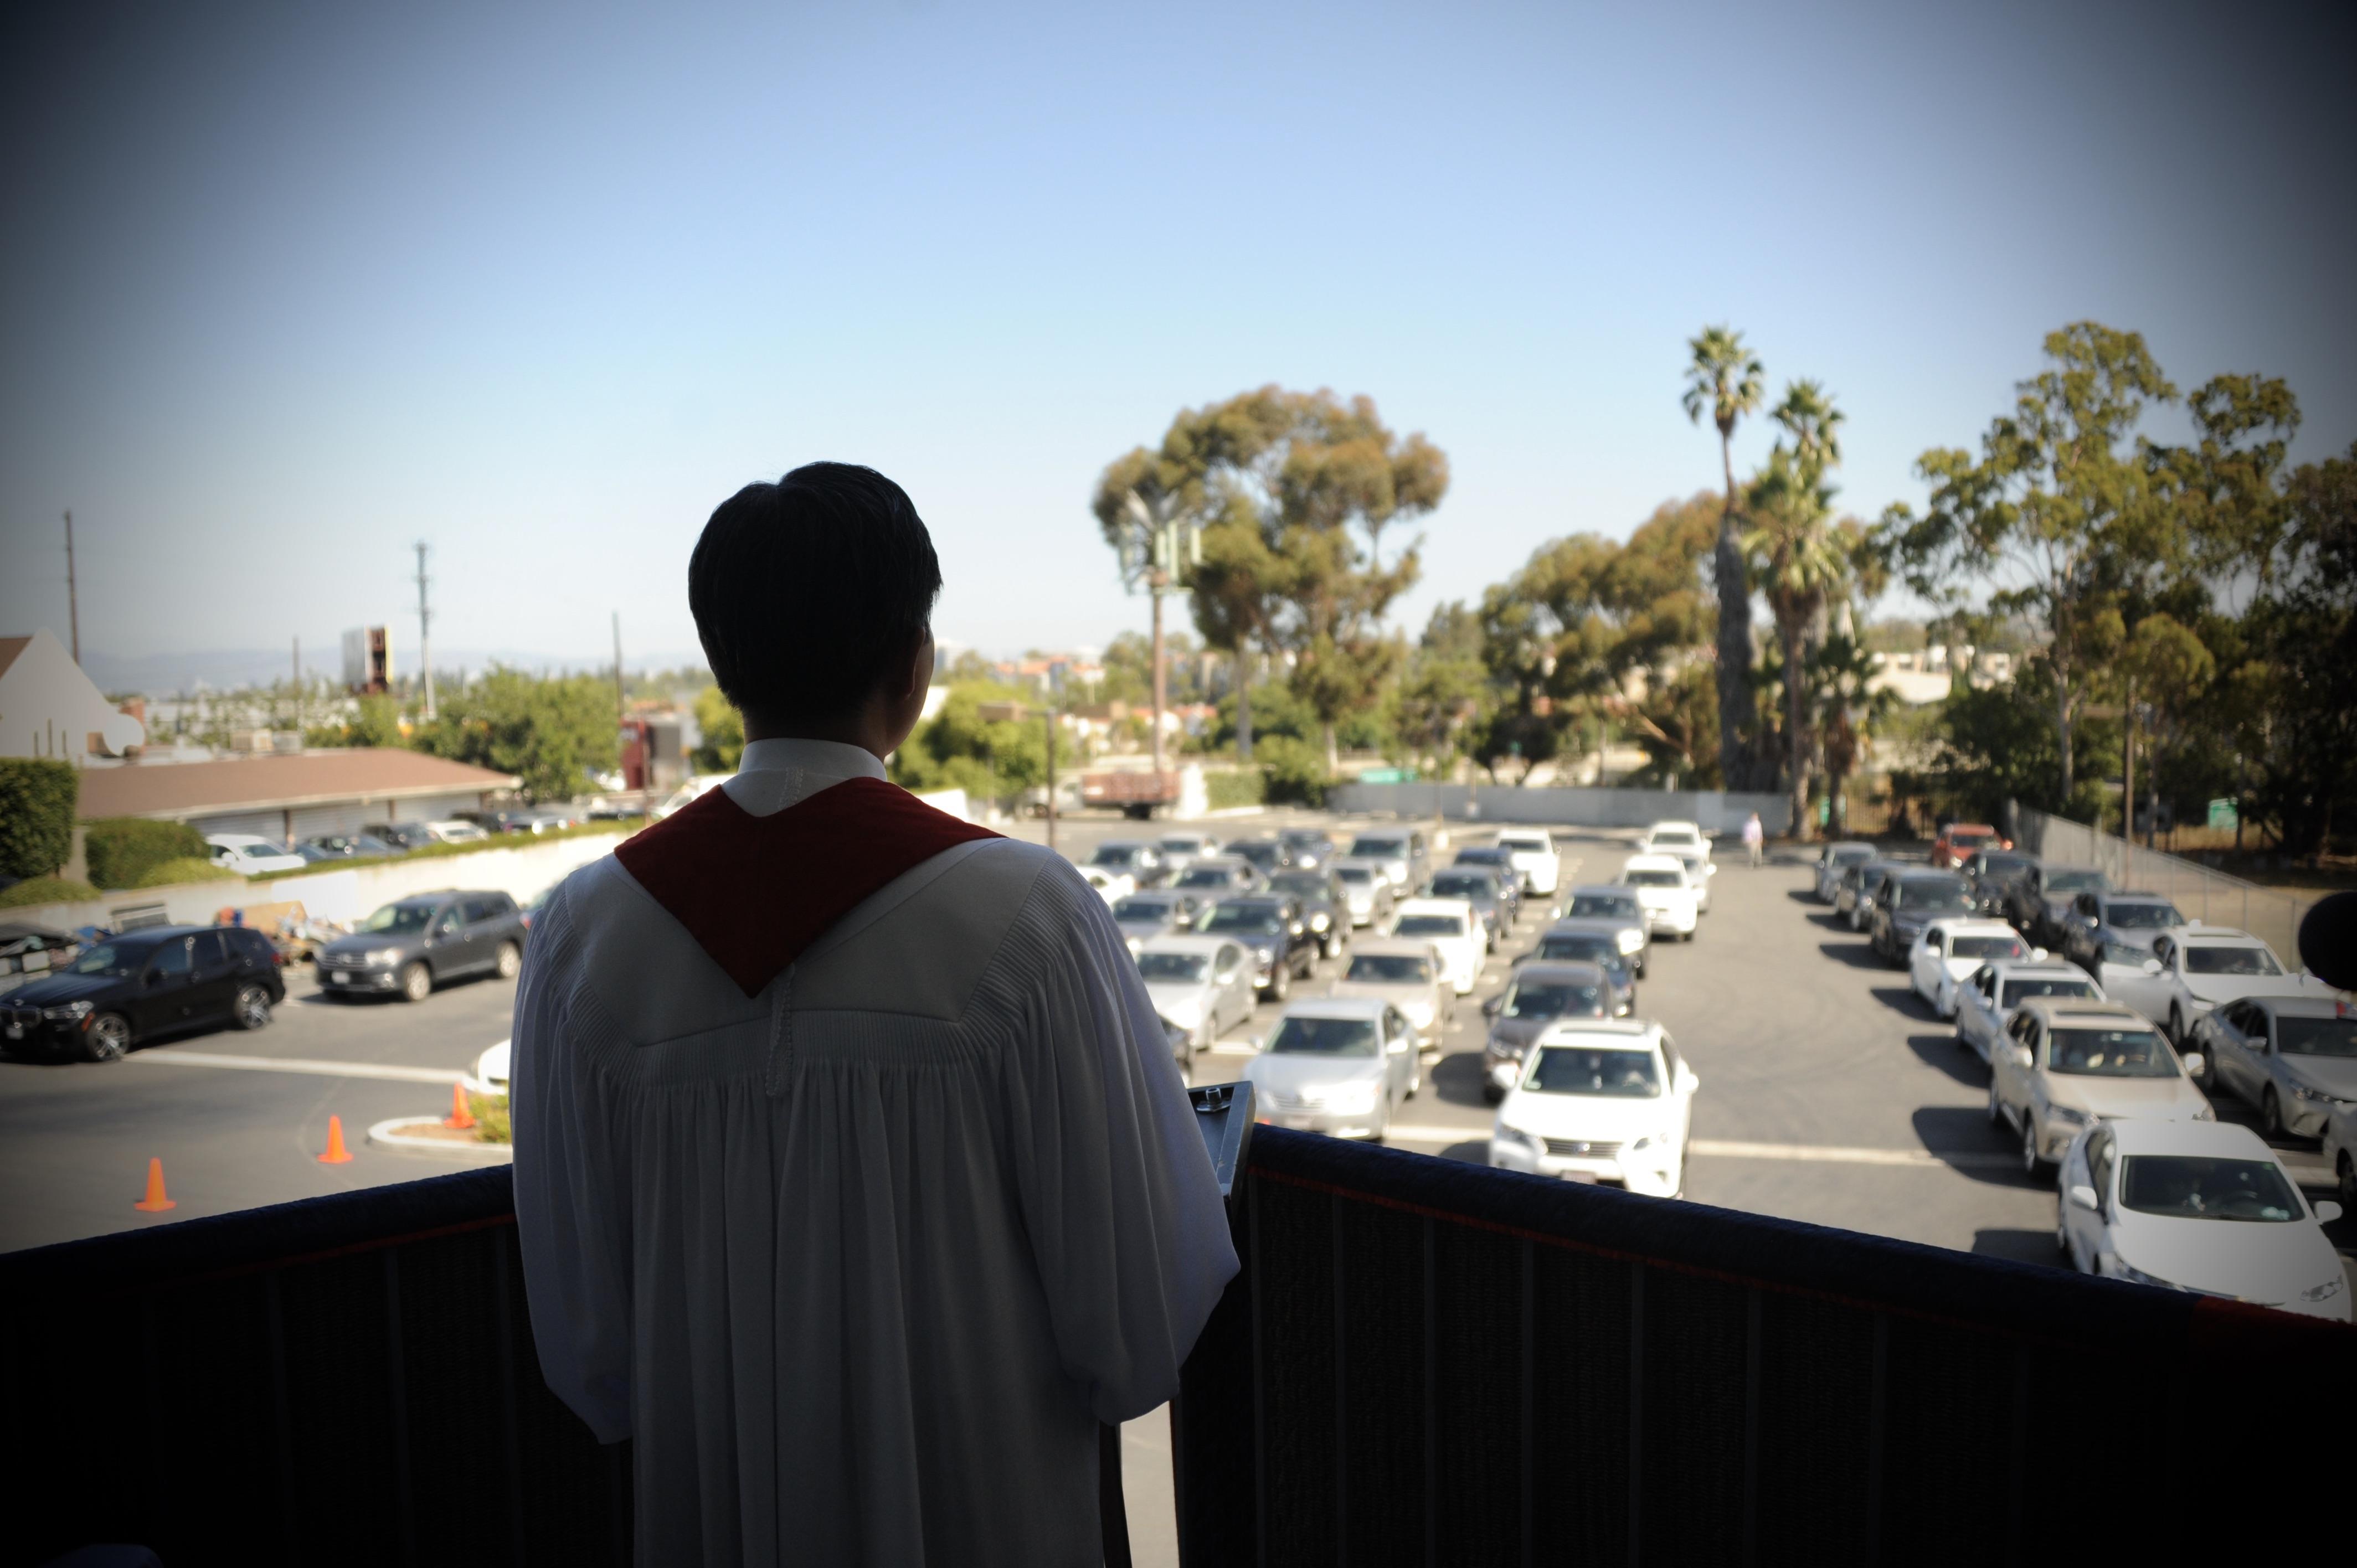 이창민 목사가 LA연합감리교회 주차장에서 드라이브 인(Drive-in) 주일예배를 드리고 있다. 사진 제공, 이창민 목사.